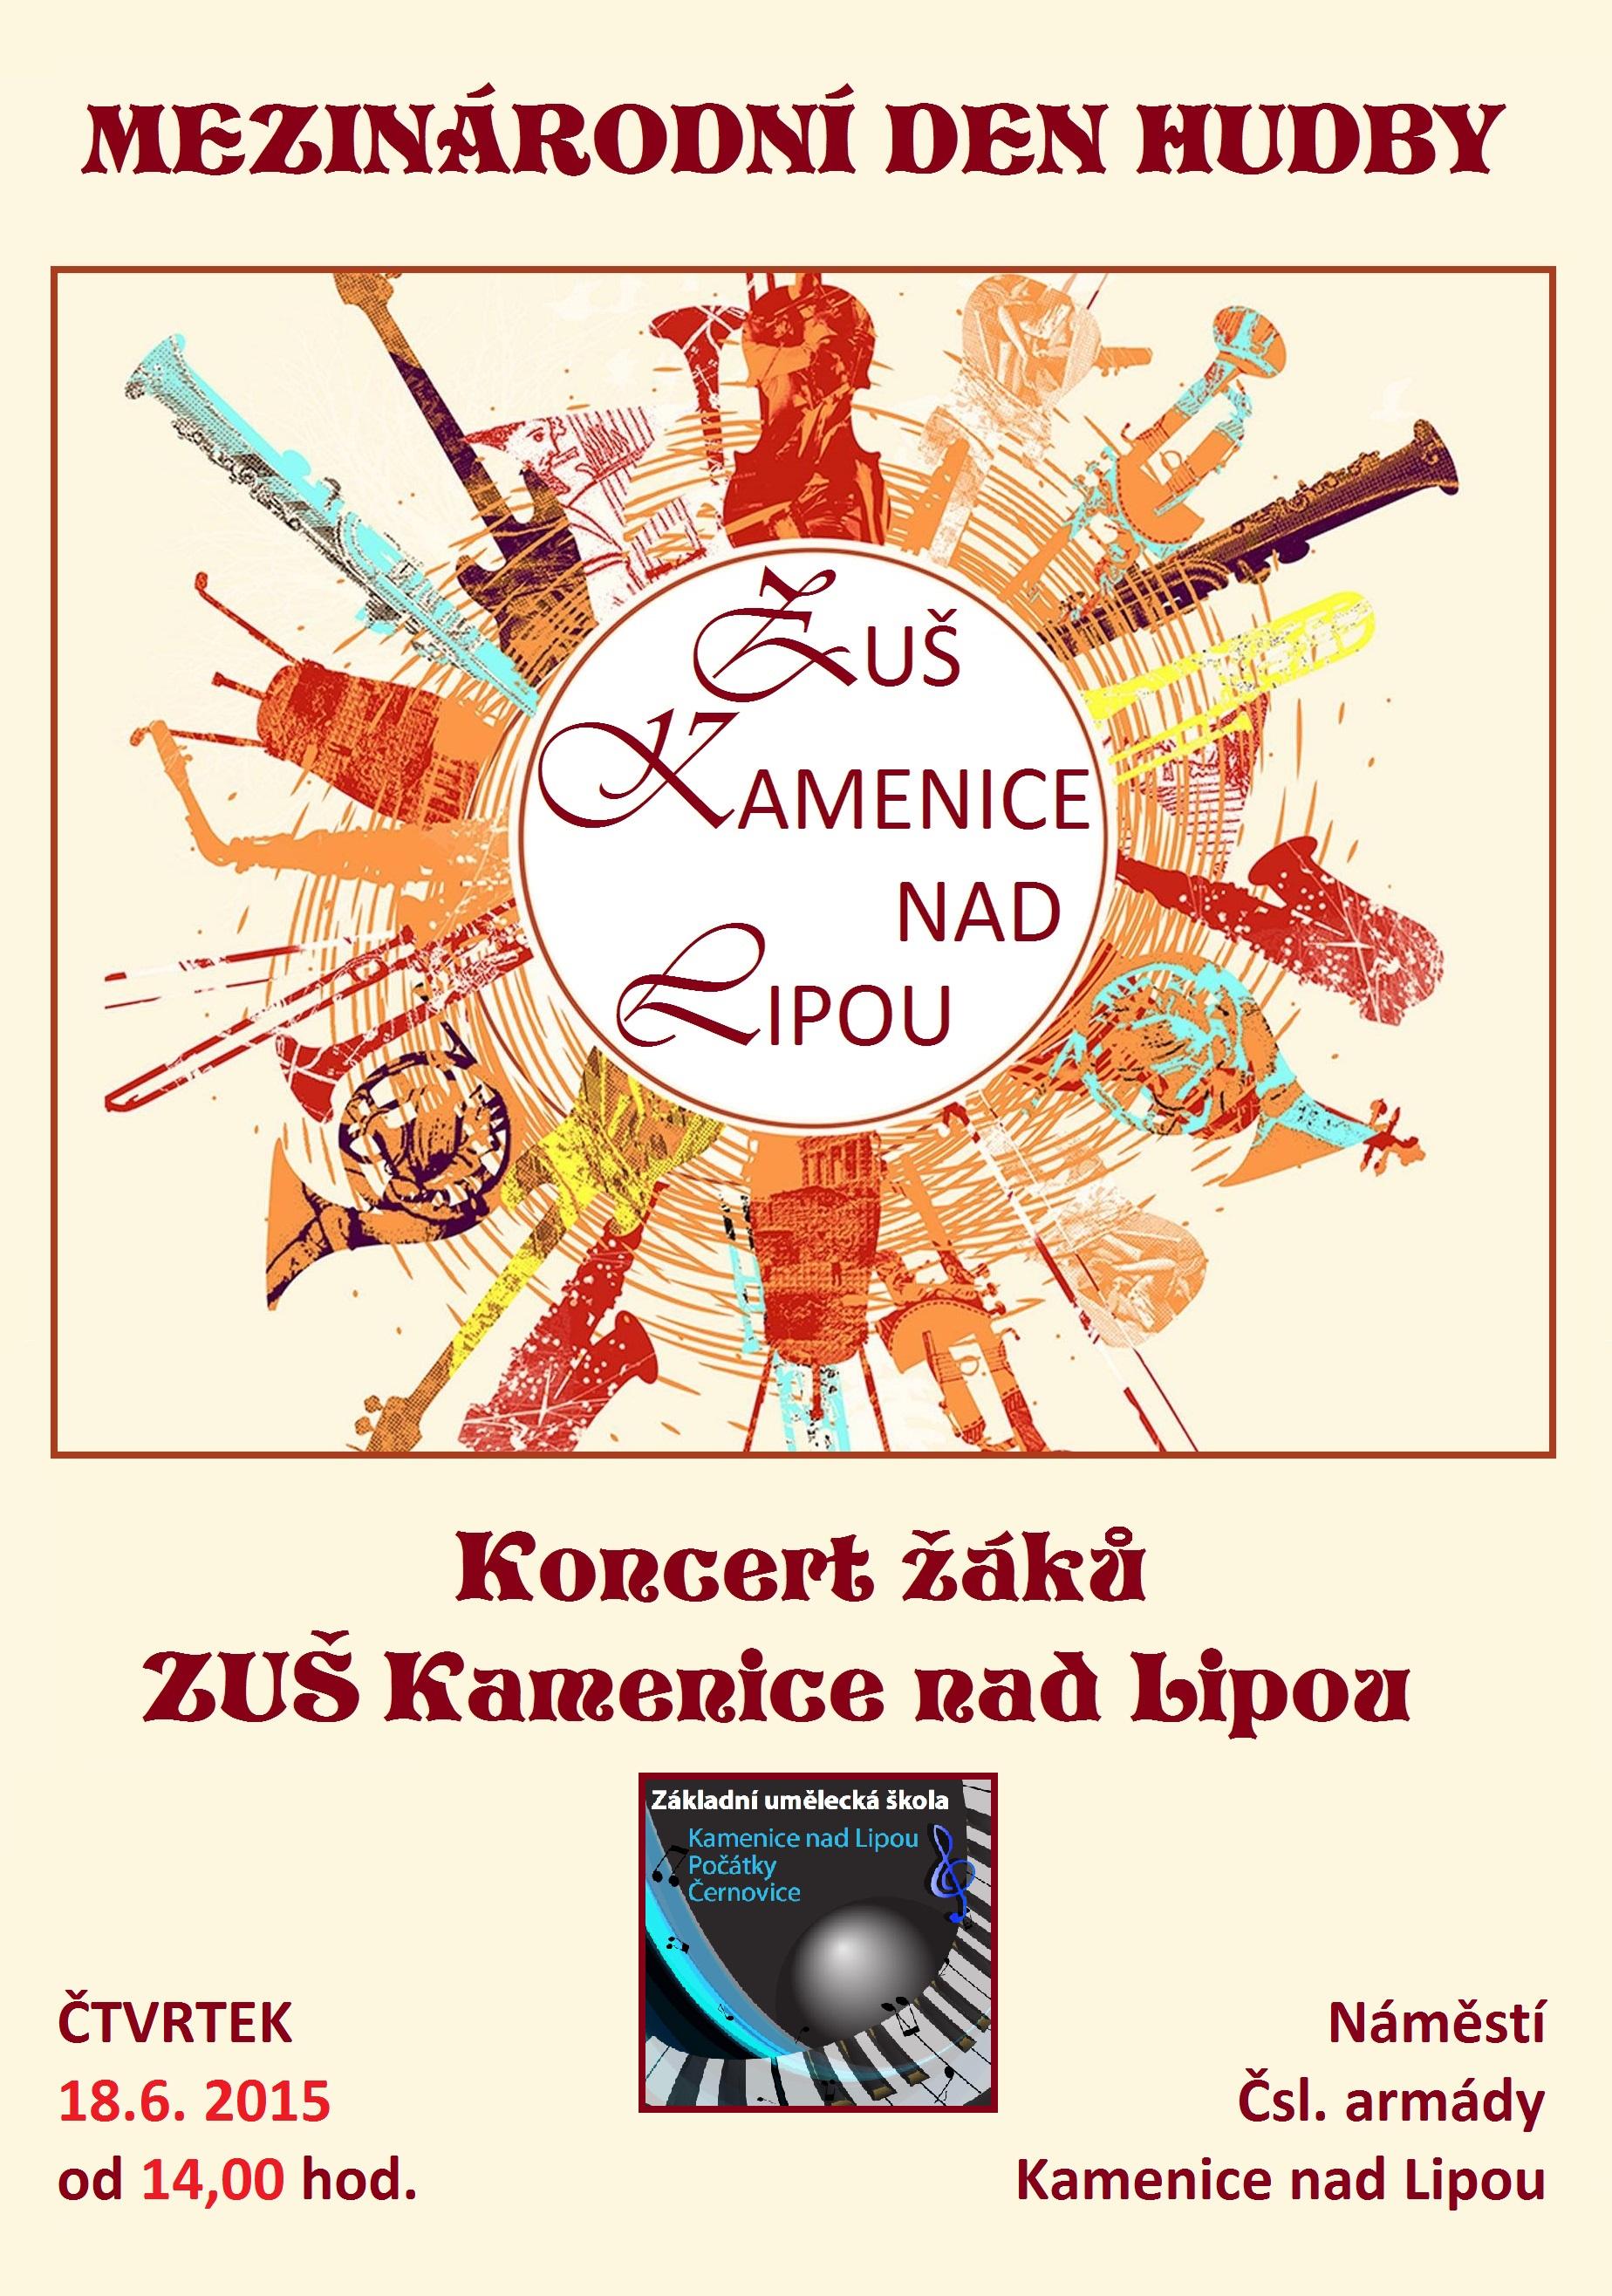 18.6.2015 - Mezinárodní den hudby v Kamenici nad Lipou